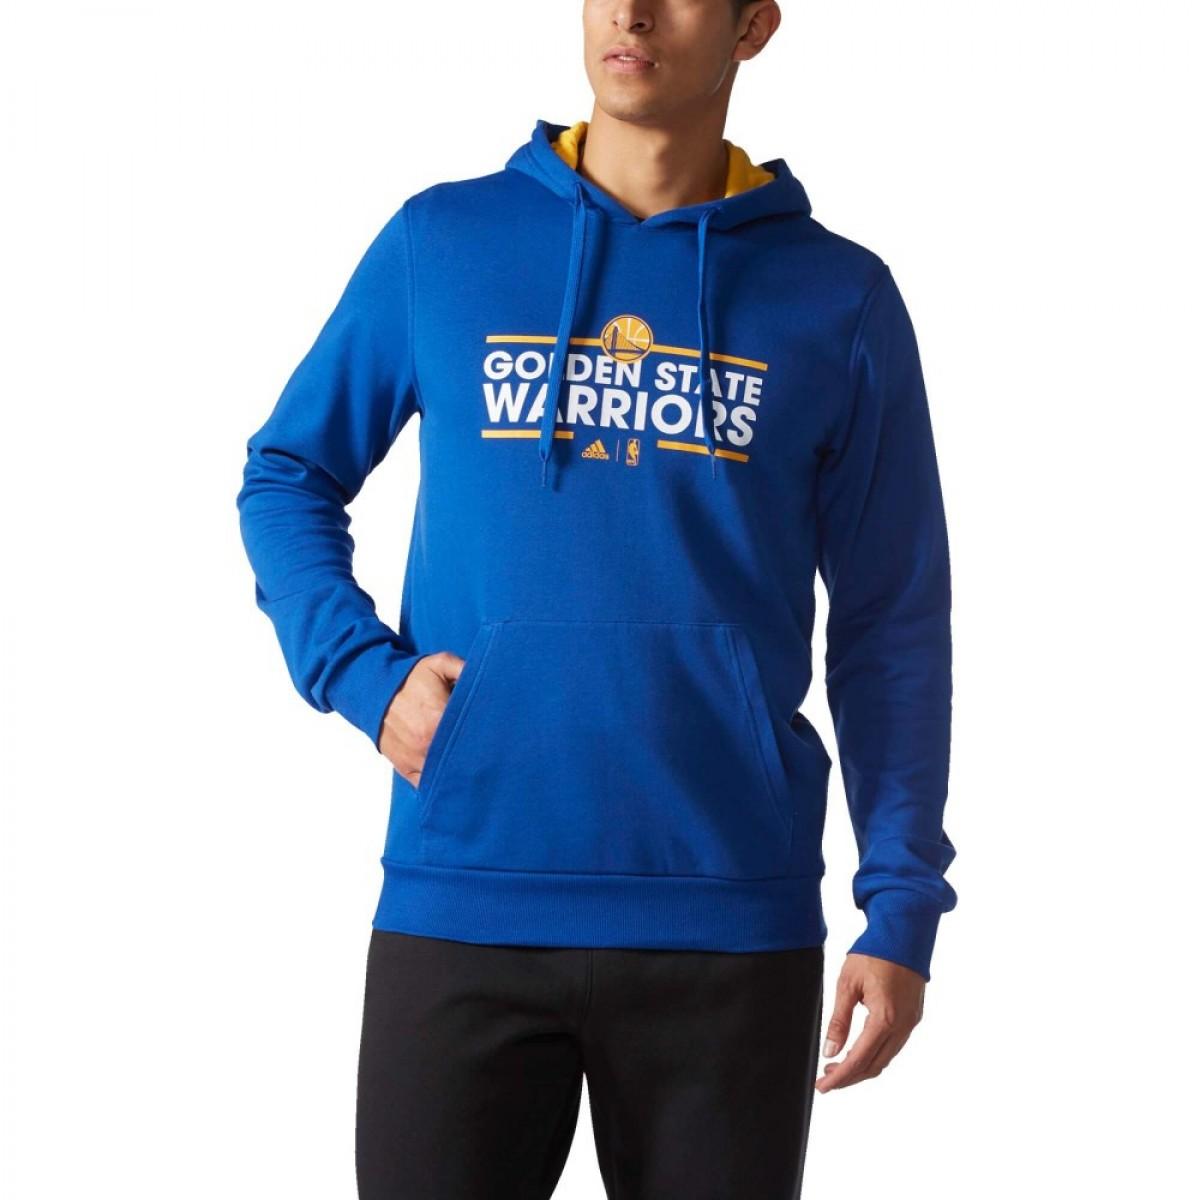 Adidas NBA Golden State Warriors Hoody